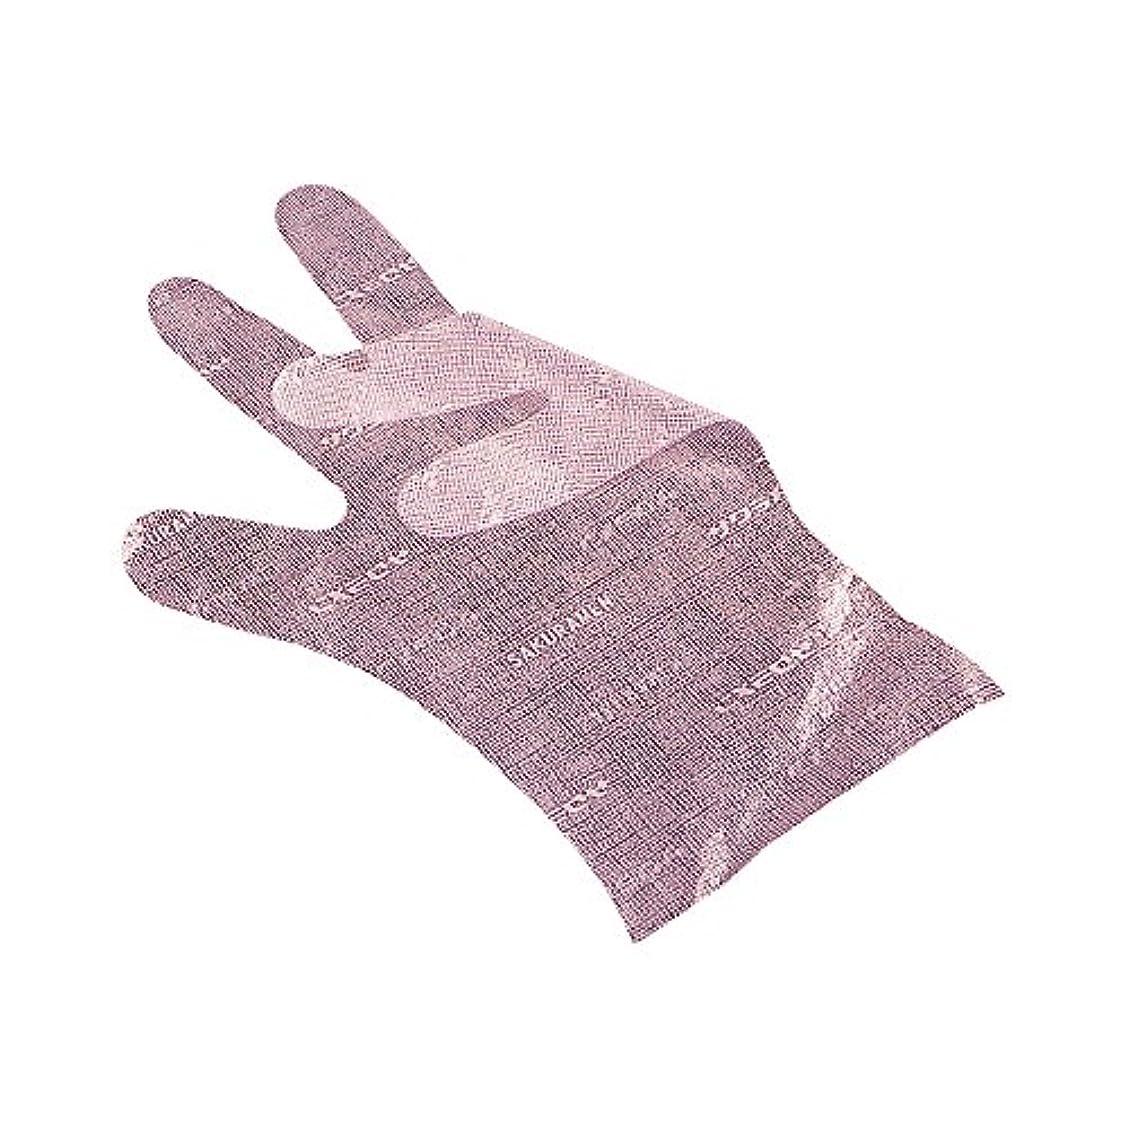 浴室電子スイス人サクラメンエンボス手袋 デラックス ピンク L 100枚入